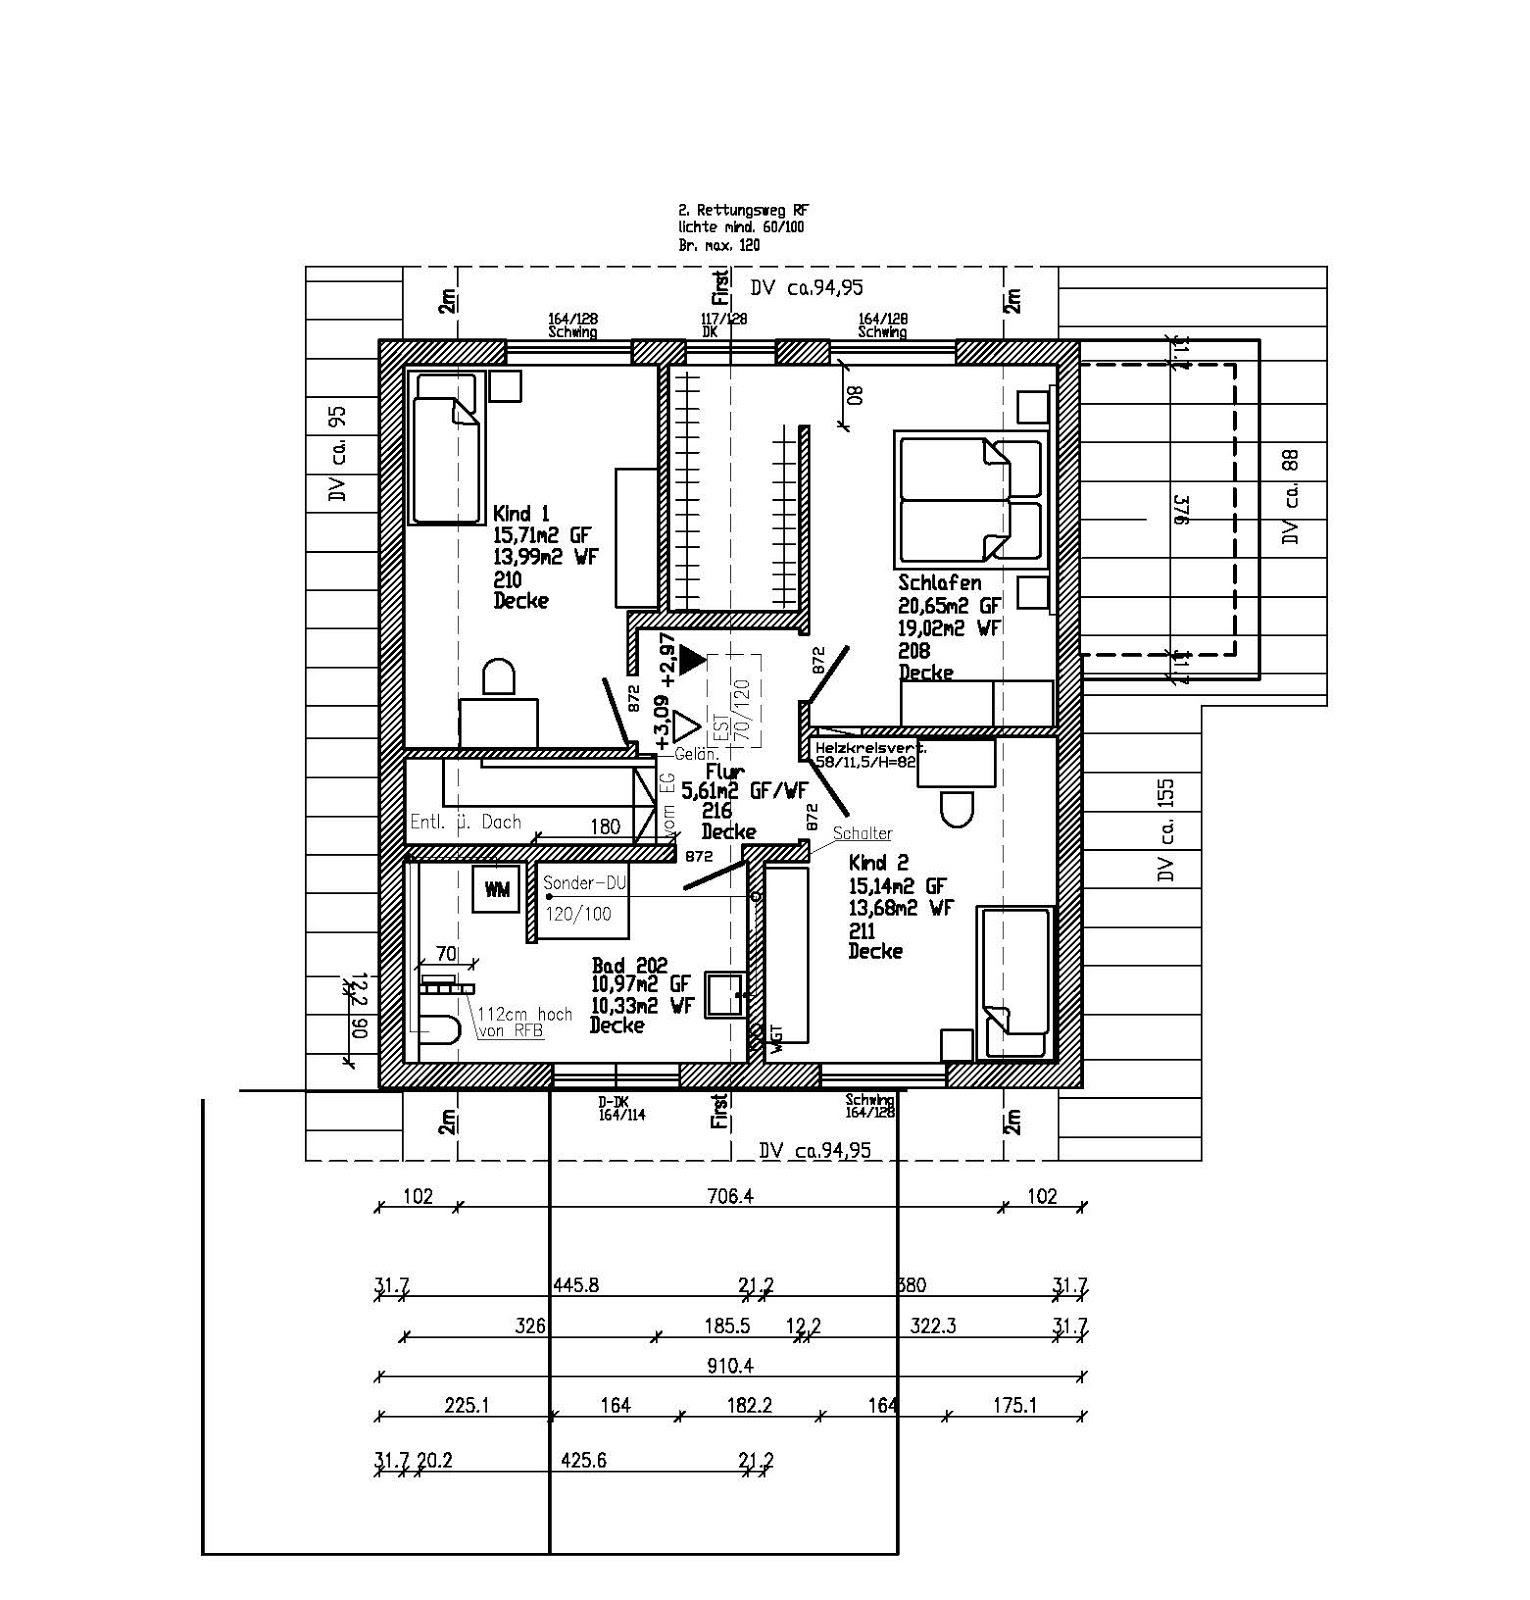 wir bauen ein schw rer haus 2015 2016 oktober 2015. Black Bedroom Furniture Sets. Home Design Ideas